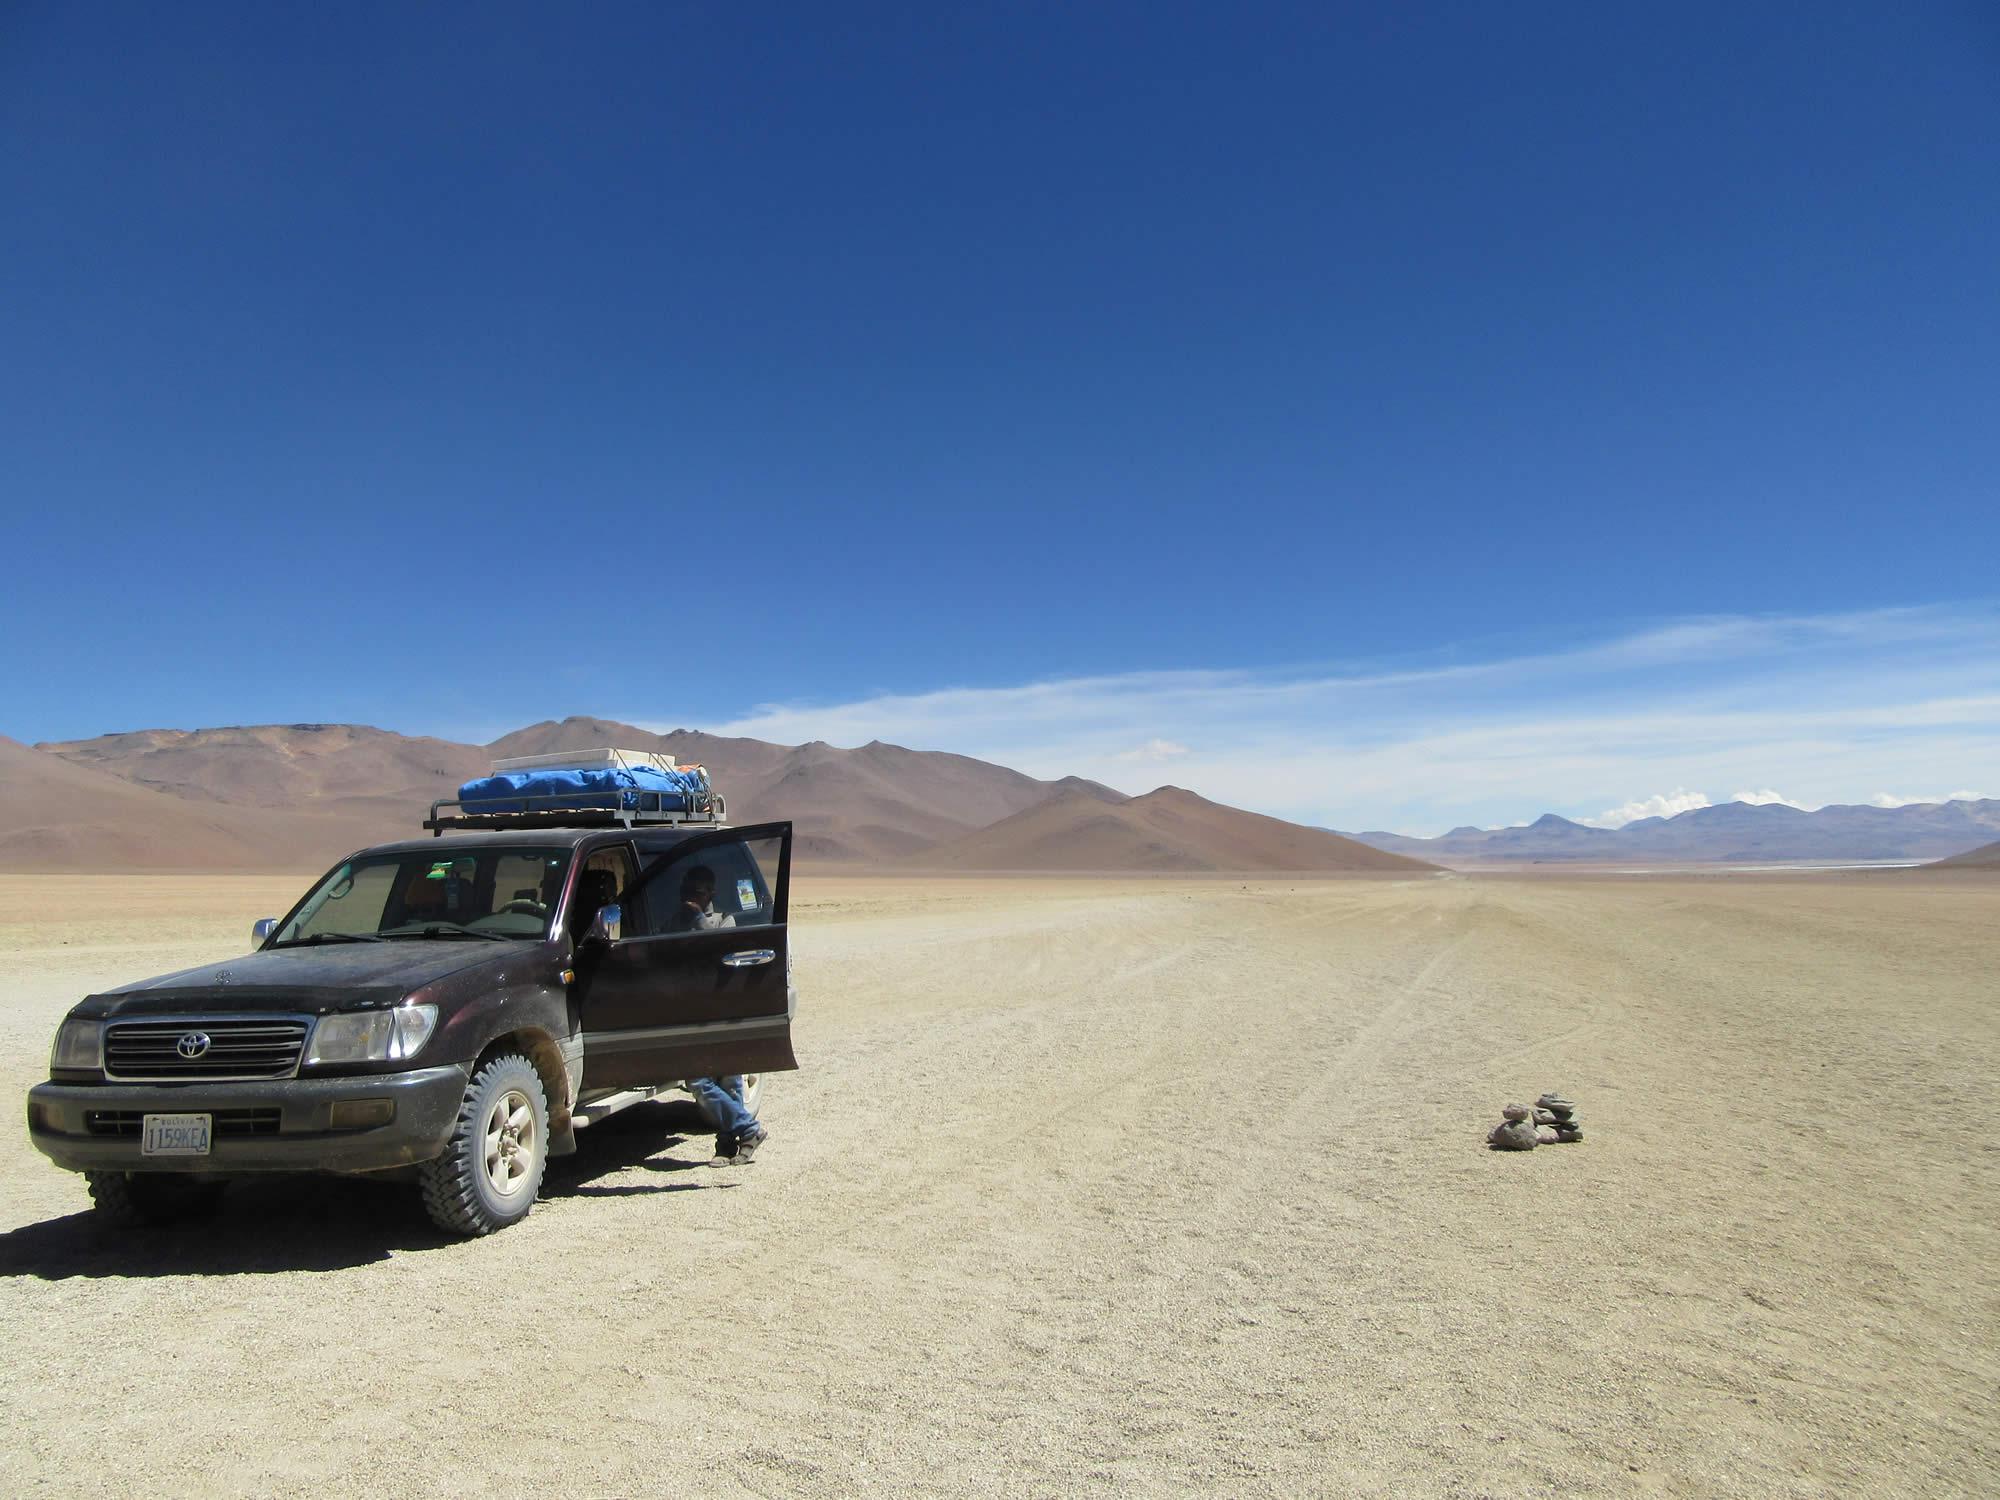 Tour Privado Salar de Uyuni y Lagunas de Colores - Calama 3 Días, 2 Noches, Uyuni